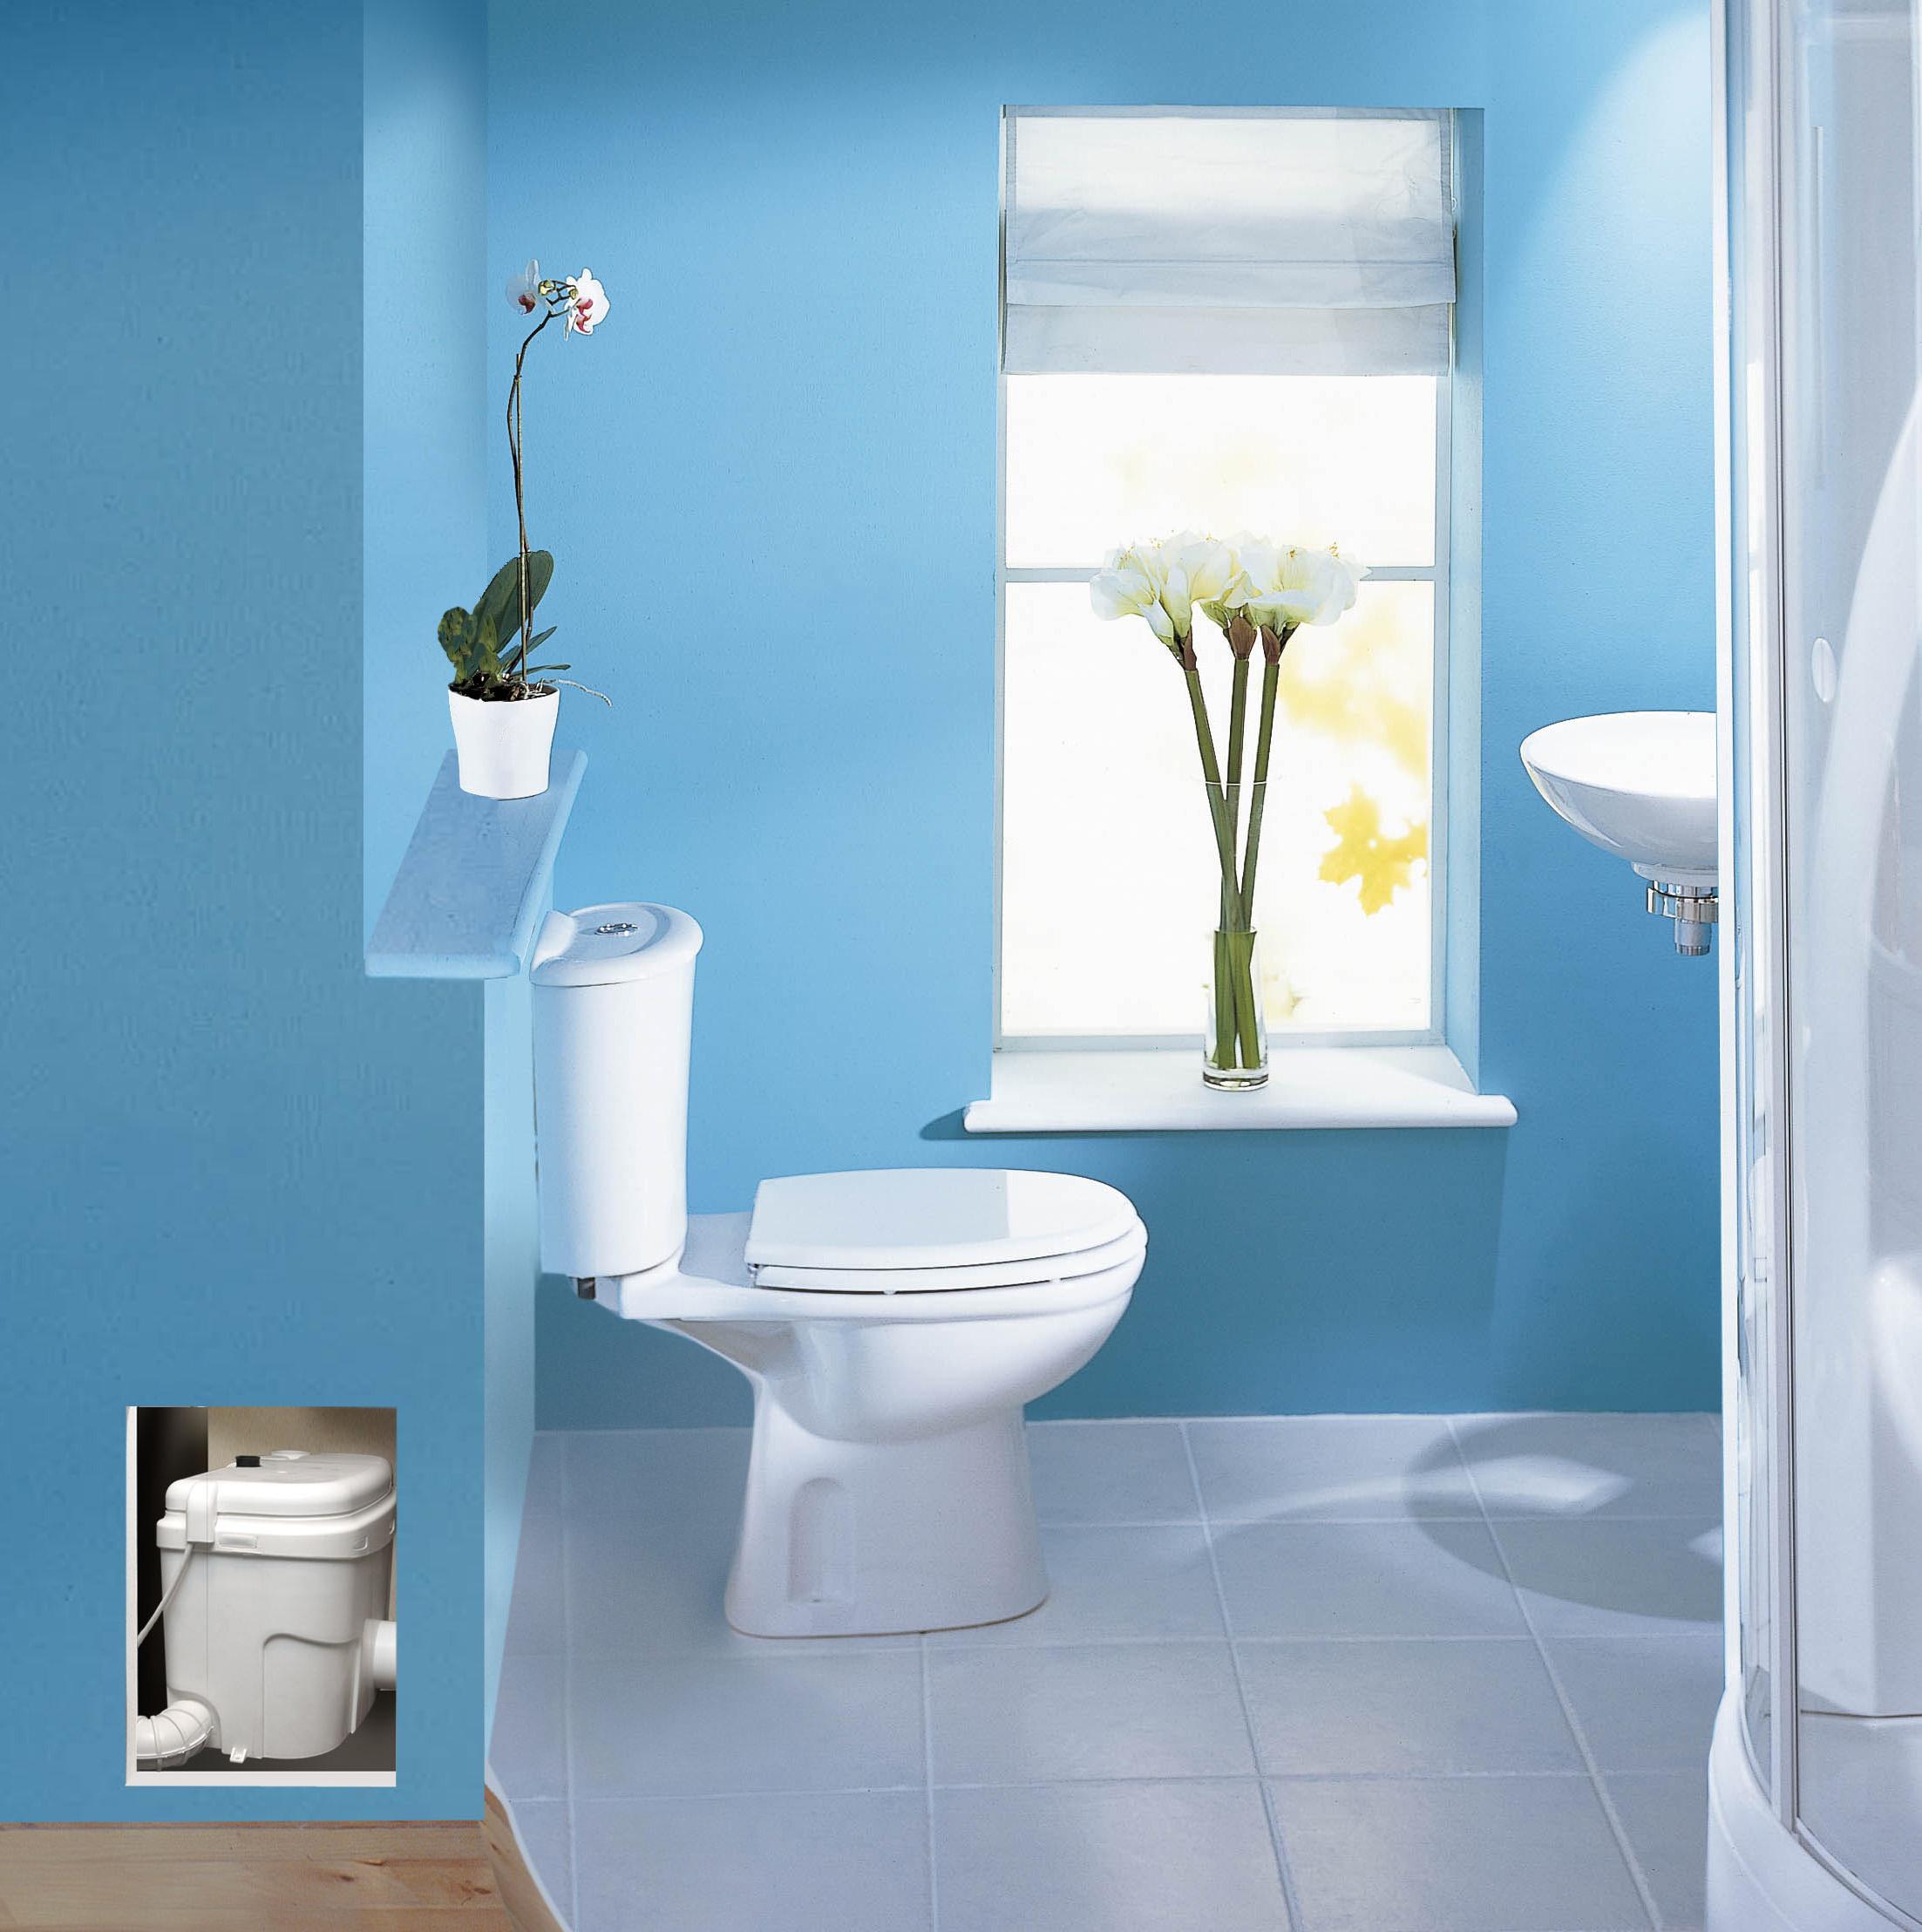 Perfect Toto 2 Piece Toilet Pattern - Bathtub Ideas - dilata.info